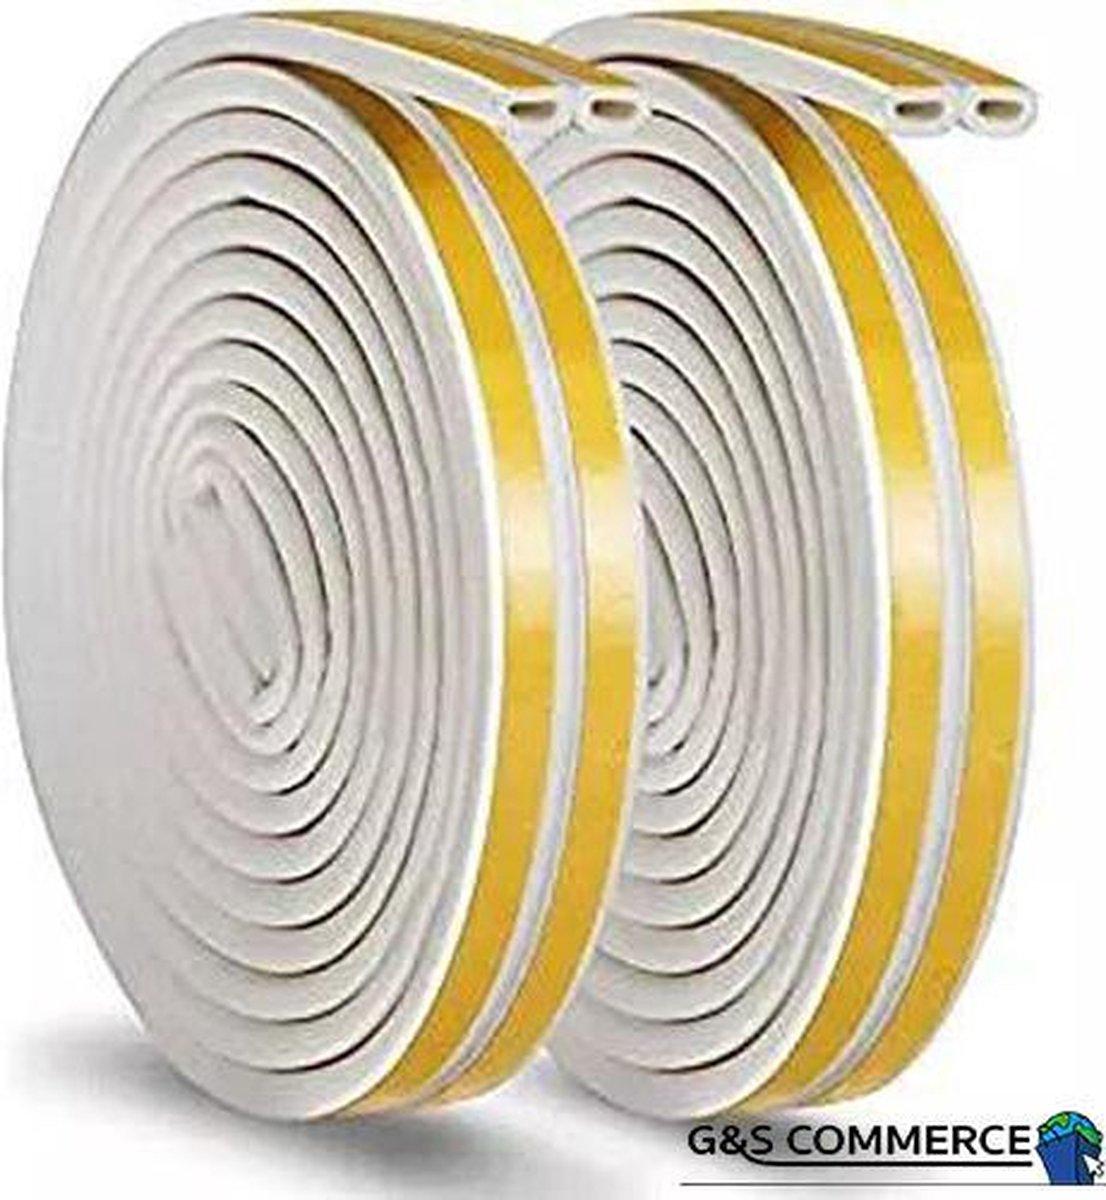 G&S Commerce Tochtband Wit - 6 METER - Tochtstrips voor Deuren - Anti tocht - NL & BE - Energie zuinige oplossing - Isolatie - tochtwering